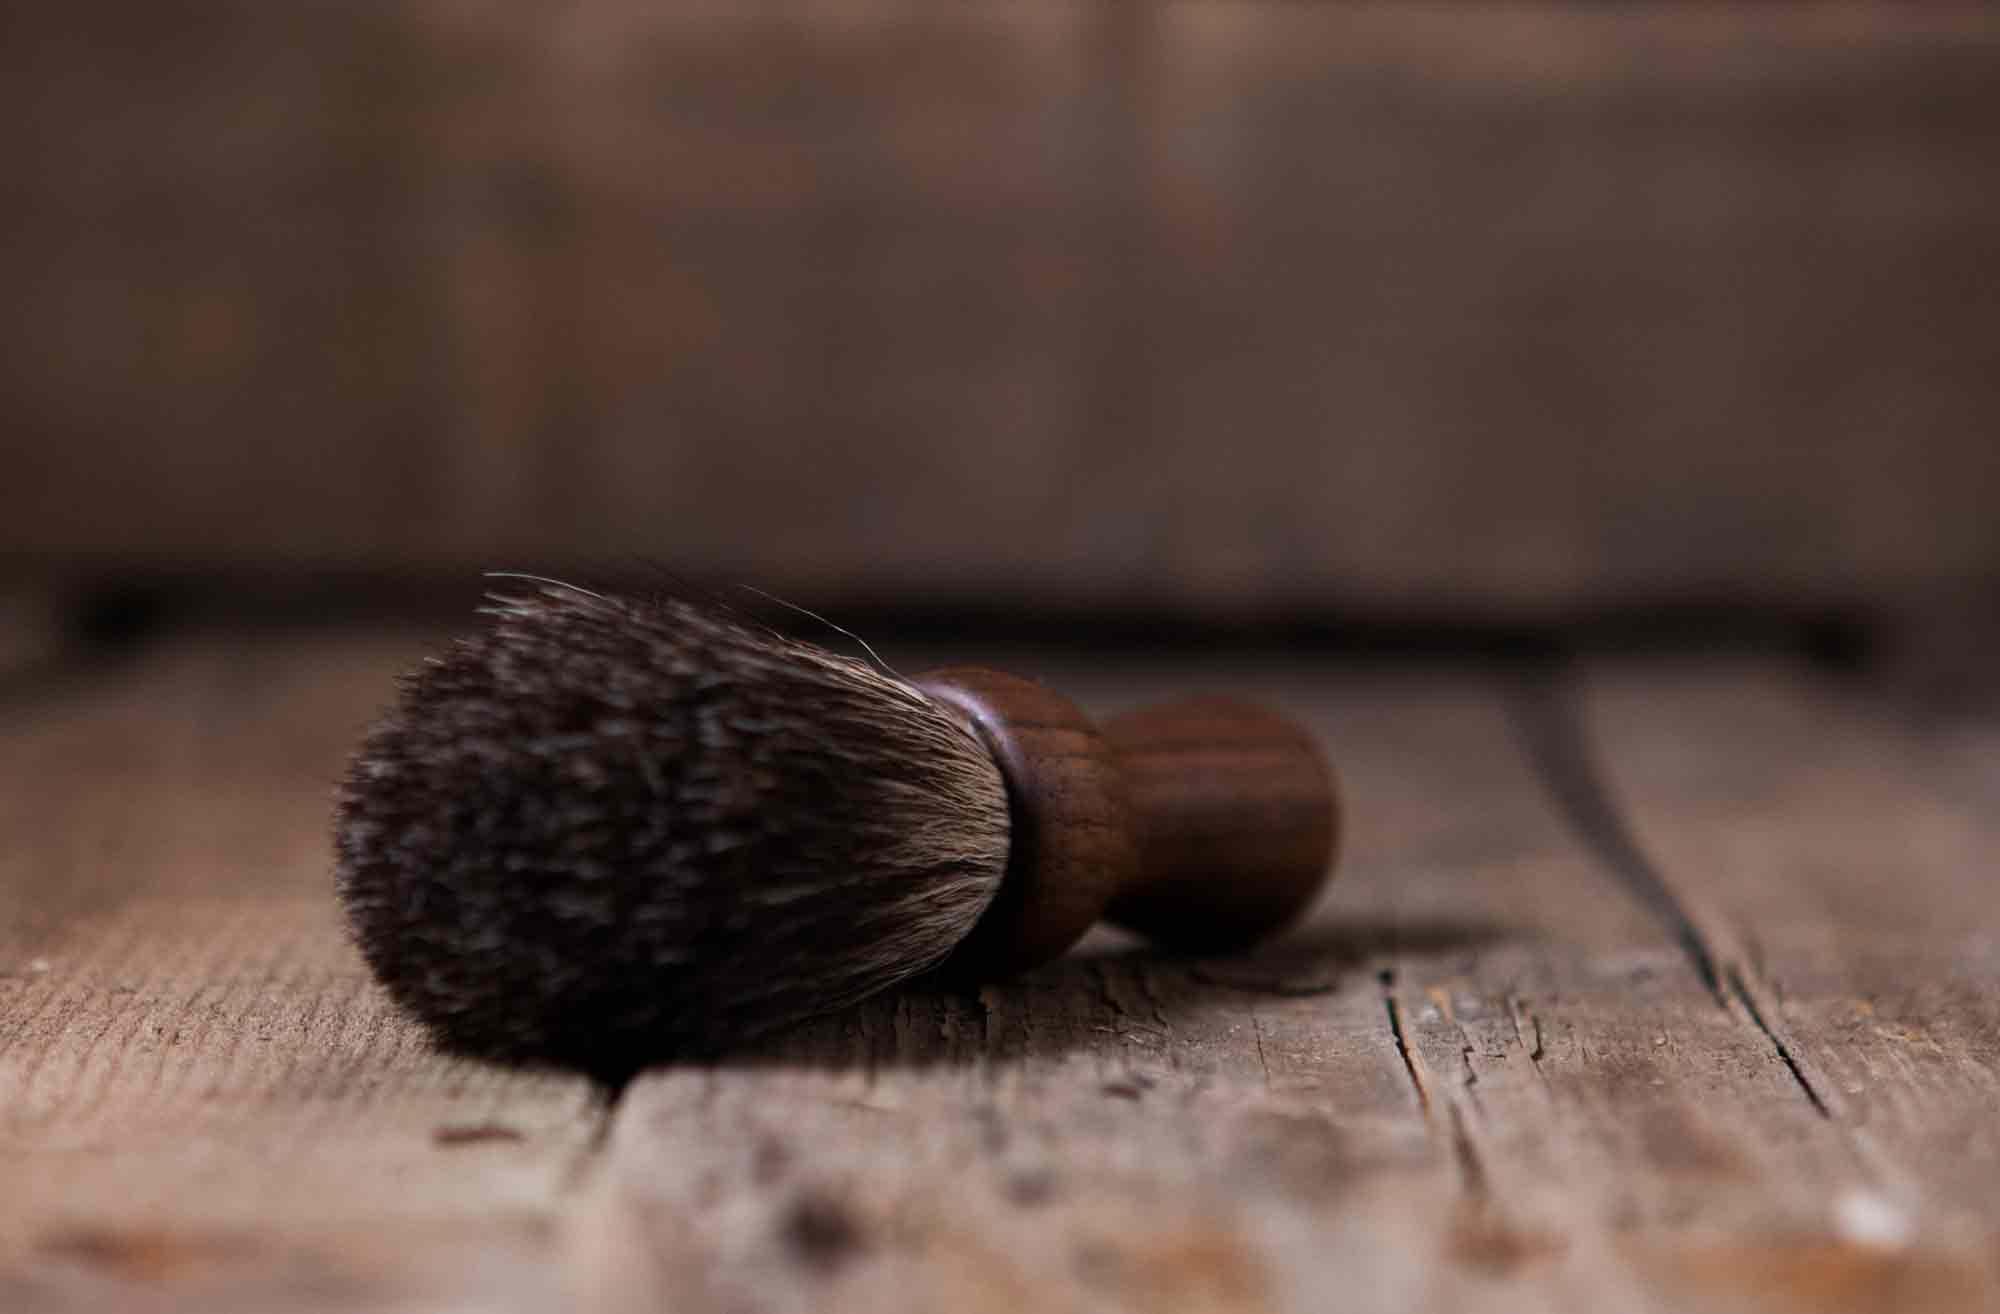 SC_Site_Bigs_HB_ShaveBrush_02